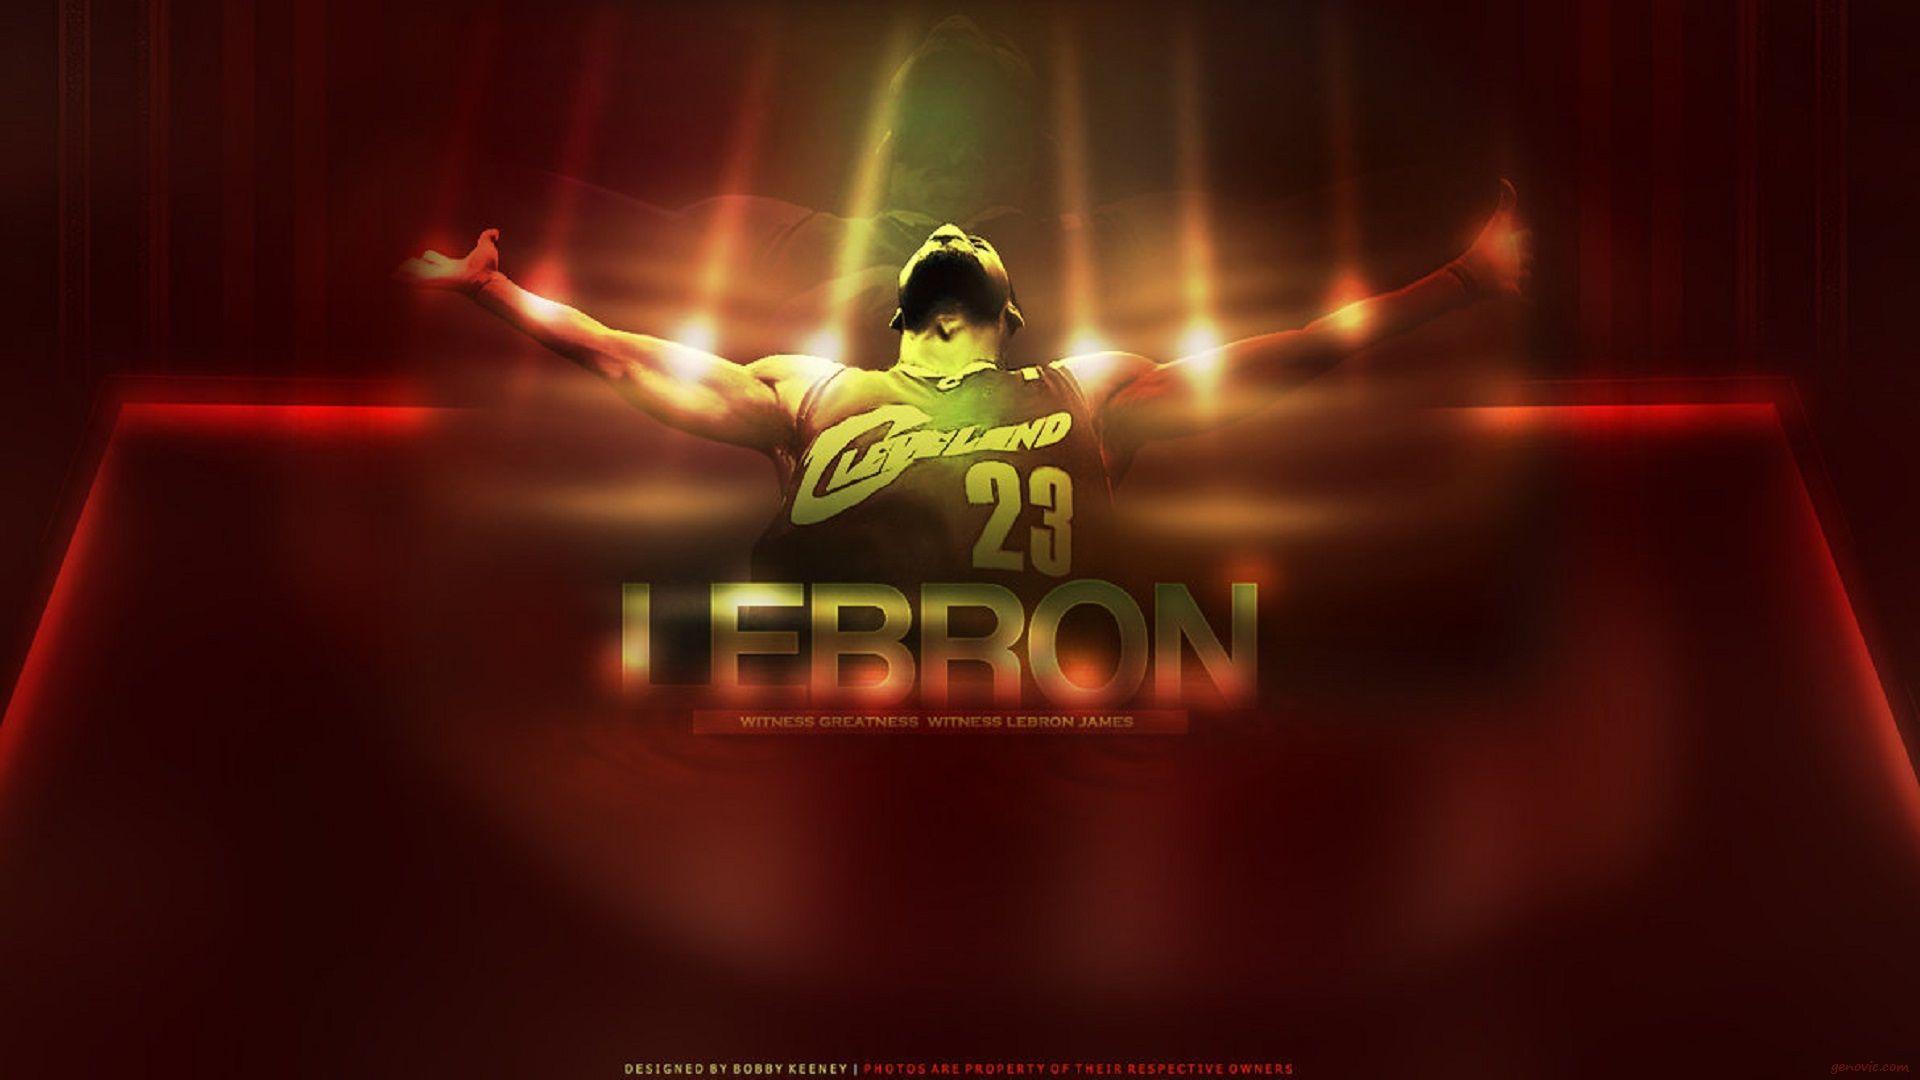 Lebron cavs 2014 wallpaper